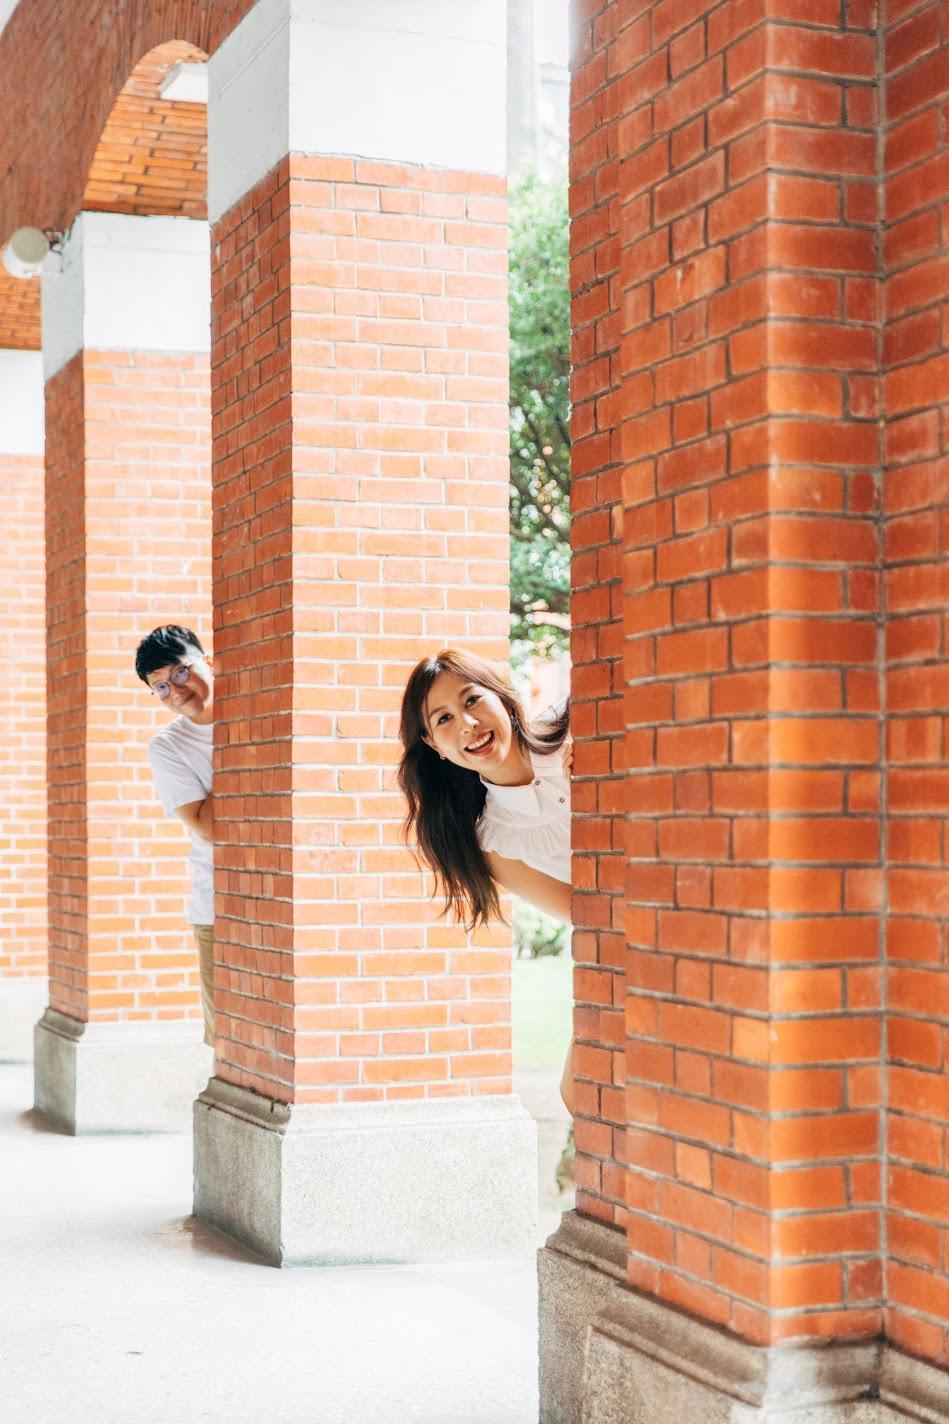 逐光婚紗-AG婚紗-美式婚紗-Amazing Grace 婚紗-Adam Chen婚攝-自助自主婚紗-便服婚紗